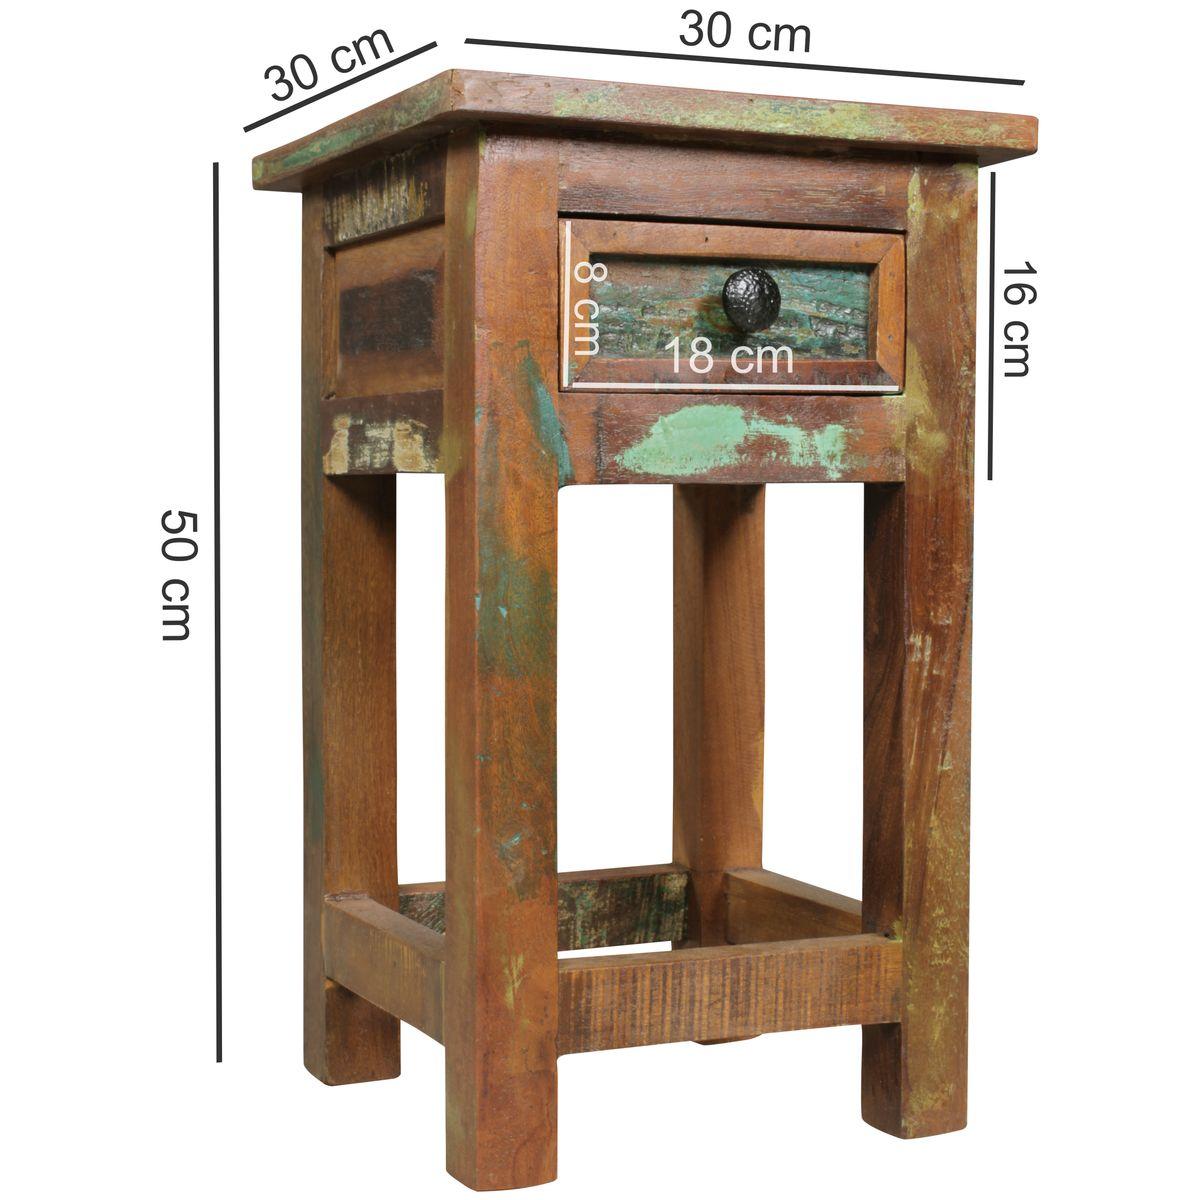 Finebuy beistelltisch delhi 30 x 30 x 50 cm massiv holz - Nachttisch 30 cm ...